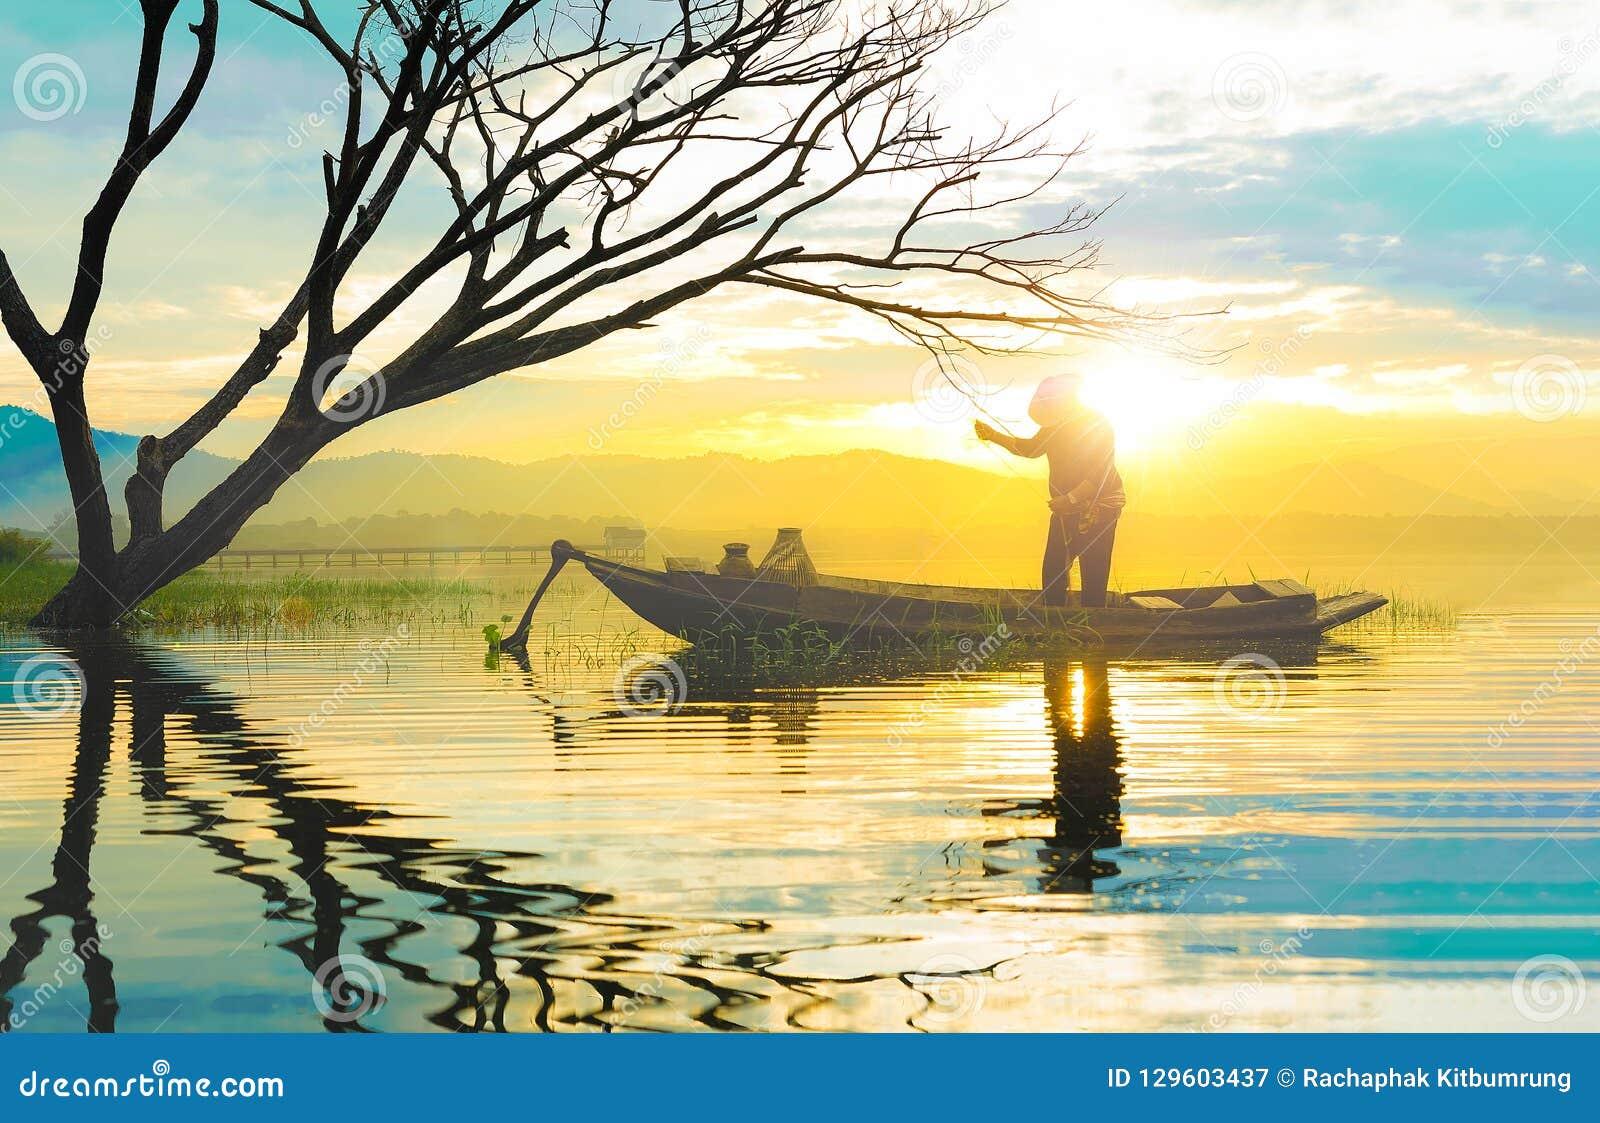 Σκιαγραφία του ψαρά που χρησιμοποιεί το δίχτυ ψαρέματος που στέκεται στο αυτί μικρών βαρκών